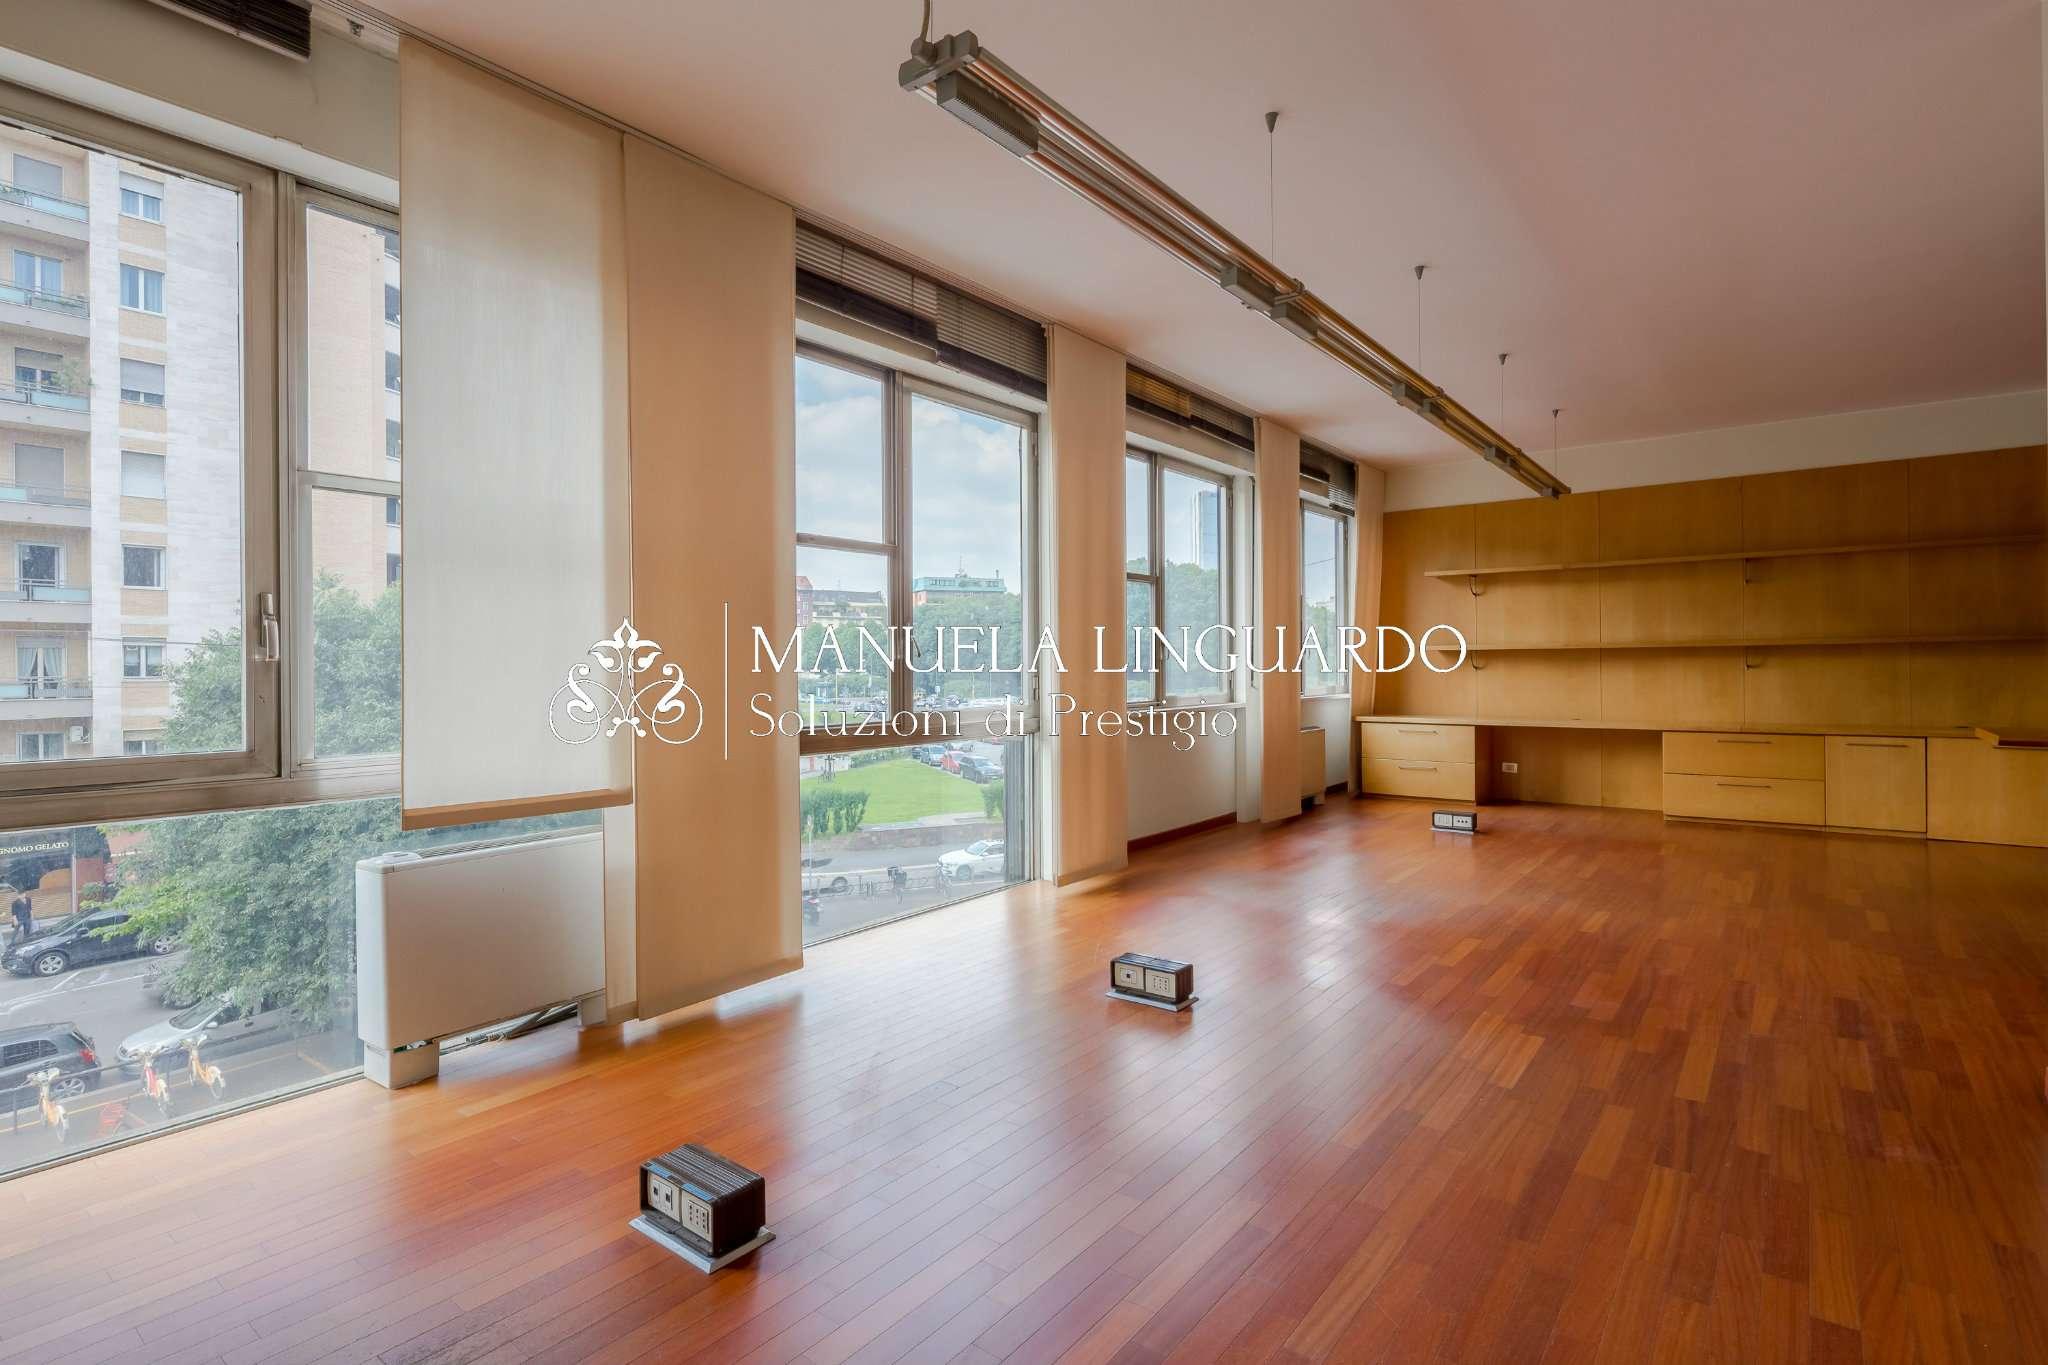 Affitto Stanza Ufficio Milano Tribunale : Ufficio studio milano affitto u ac zona de angeli